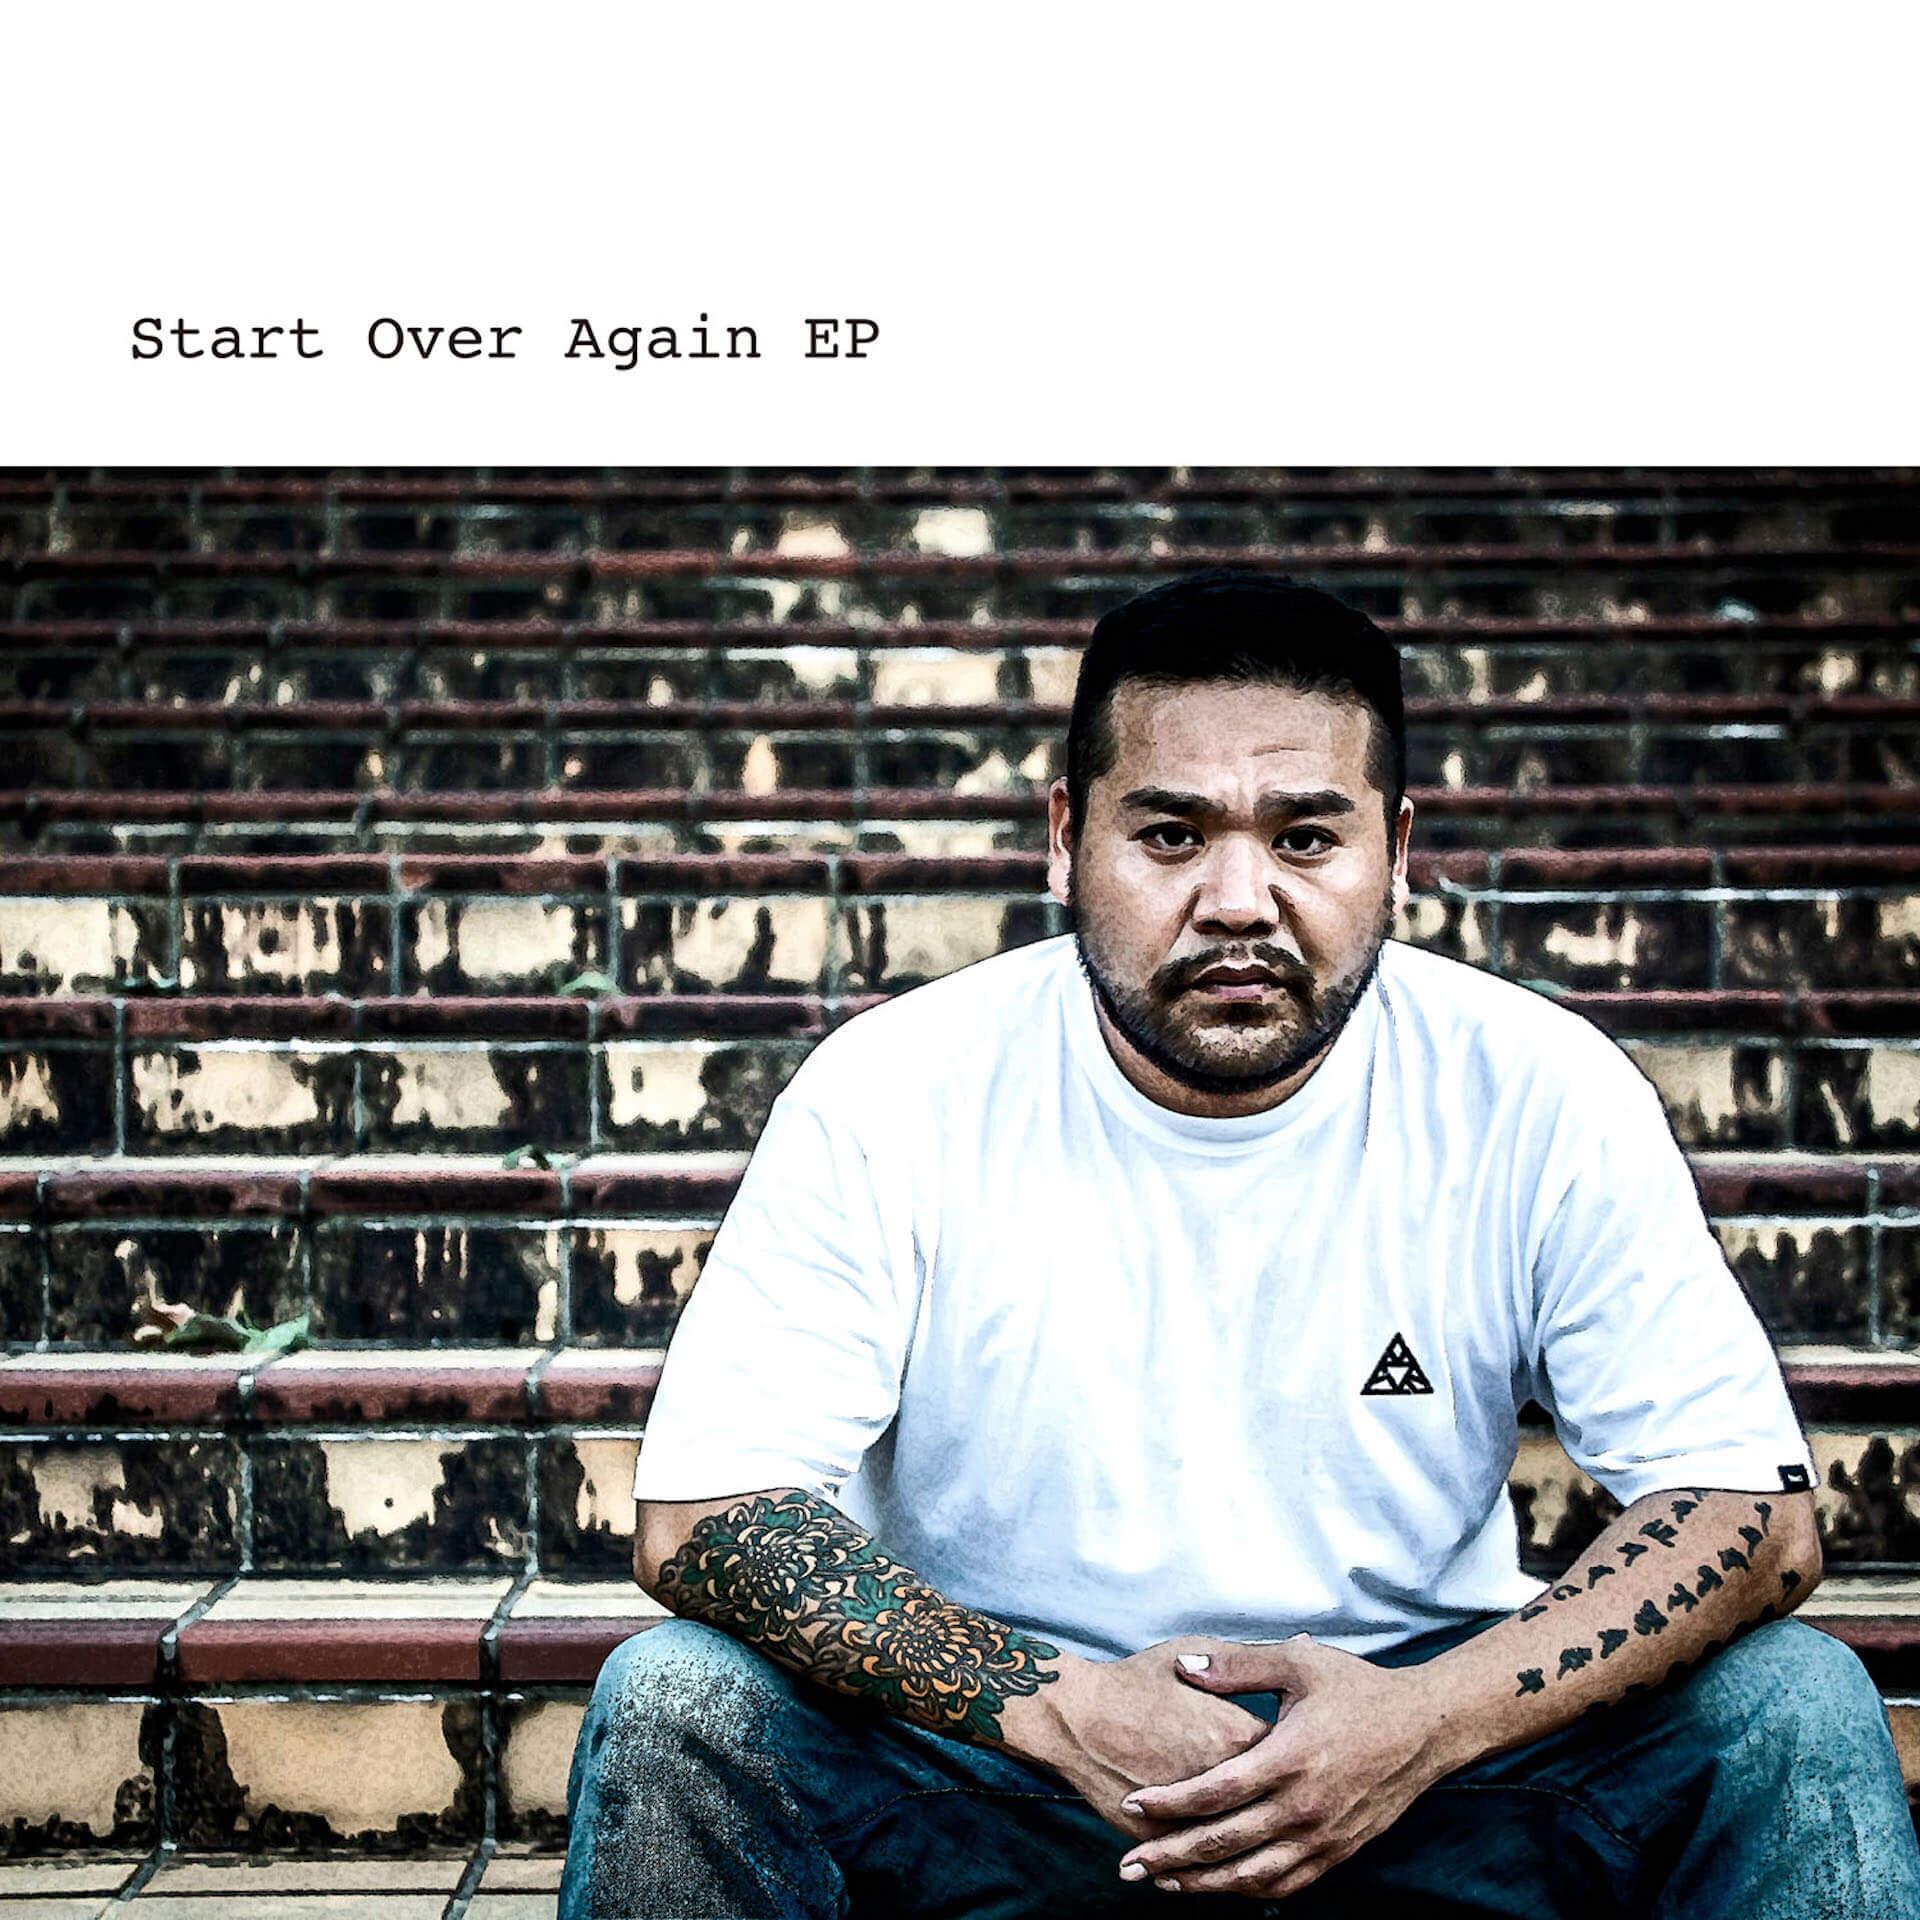 """漢 a.k.a. GAMIが新作EP『Start Over Again EP』を本日リリース!LORD 8ERZがトラックを担当した収録曲""""Do it till I die""""のMVも公開 music2020124_kanakagami_startoveragain2"""